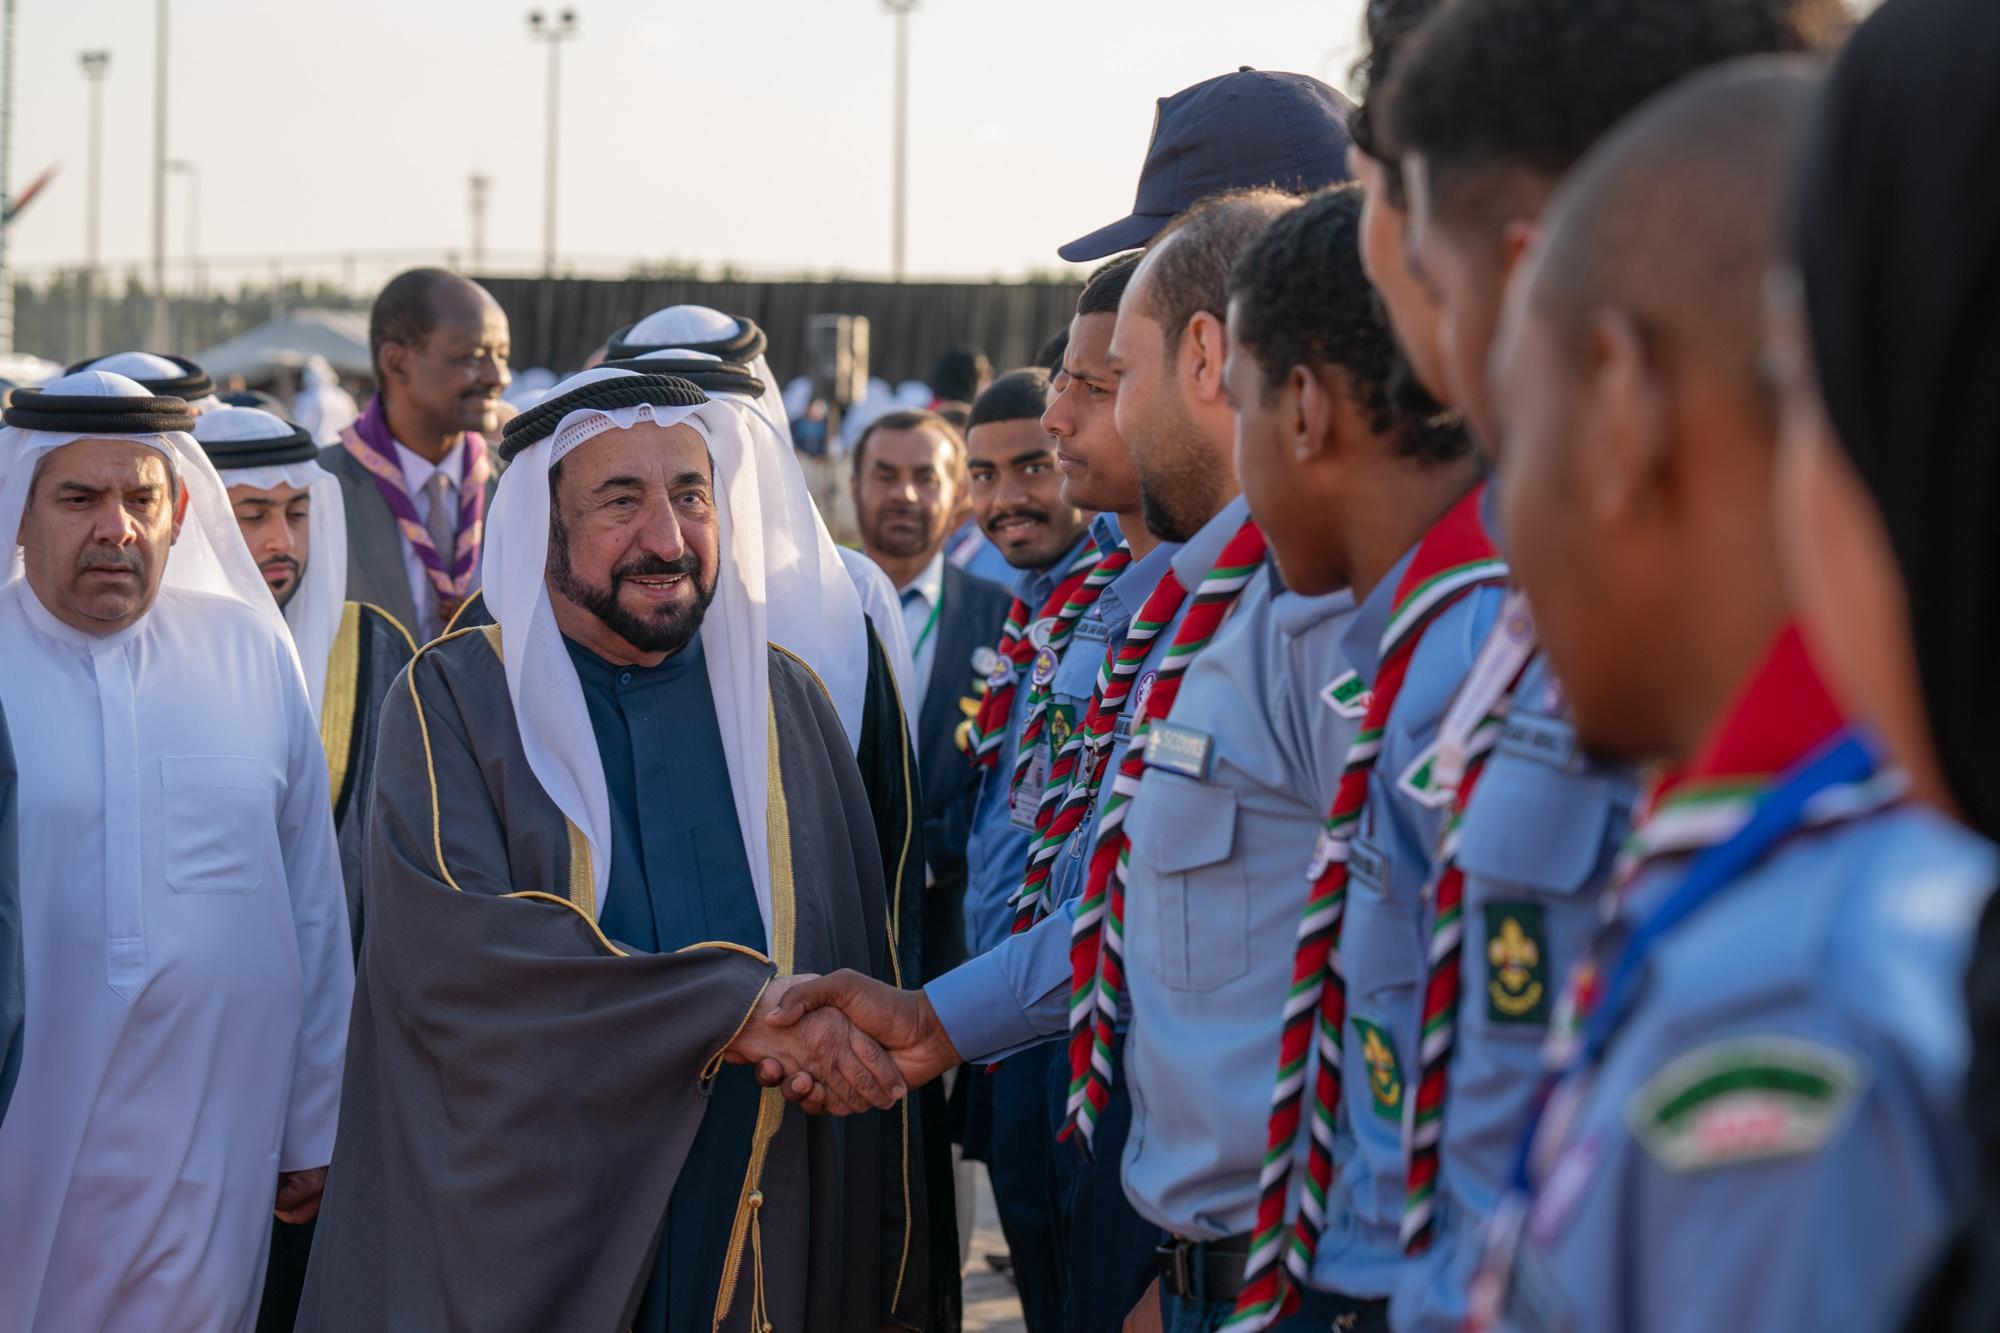 سلطان القاسمي يشهد افتتاح فعاليات اللقاء الكشفي الدولي التاسع في مفوضية كشافة الشارقة